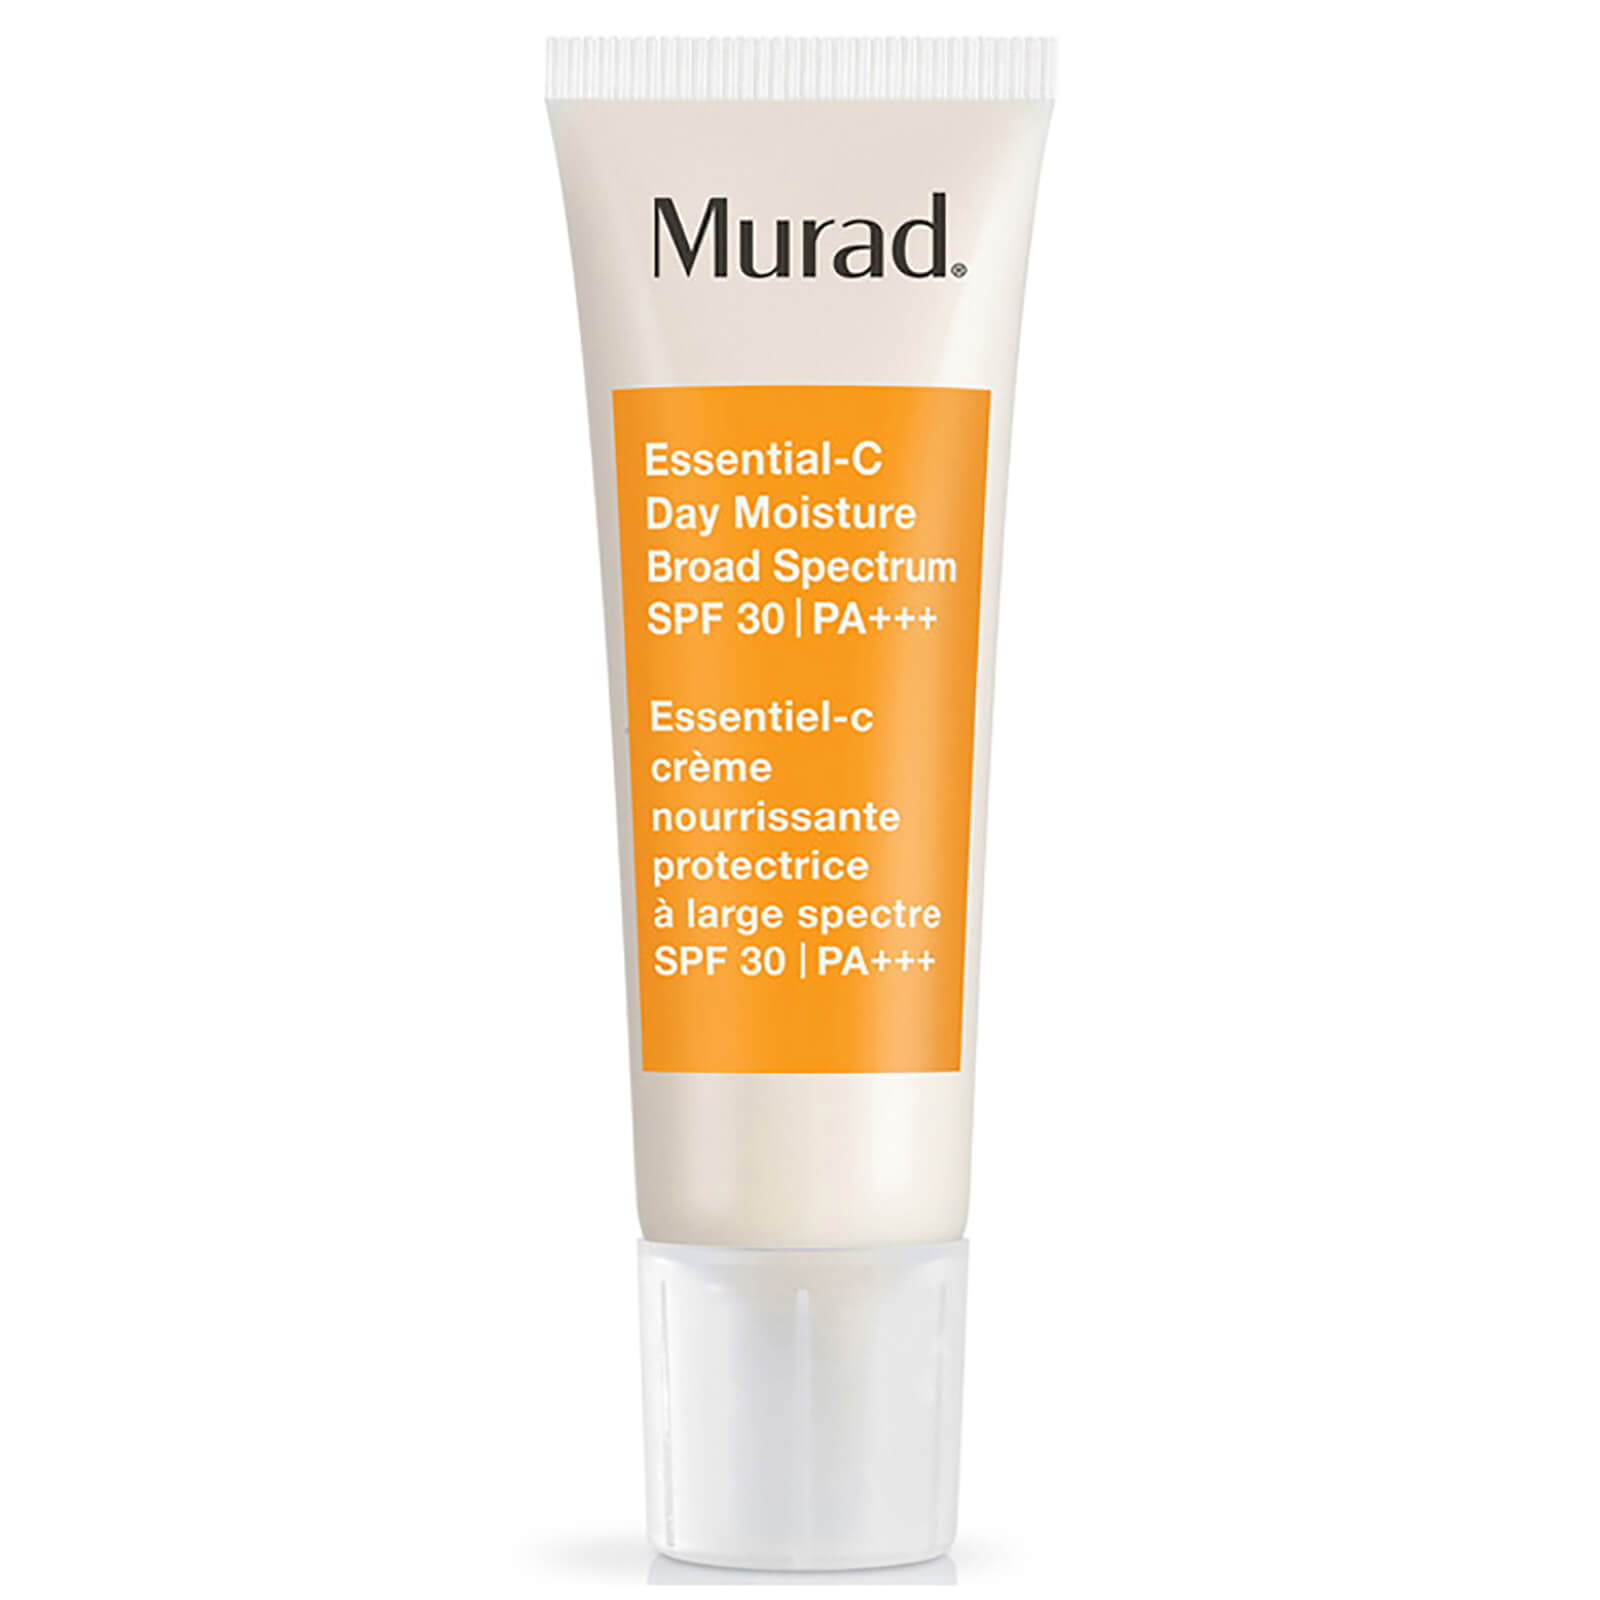 Murad Environmental Shield Essential C Day Moisture Spf 30 142 лв. Луксозната формула подсилва естествената защитна бариера на кожата, поддържа оптимални нива на хидратация и възвръща нормалното състояние на стресираната кожа.